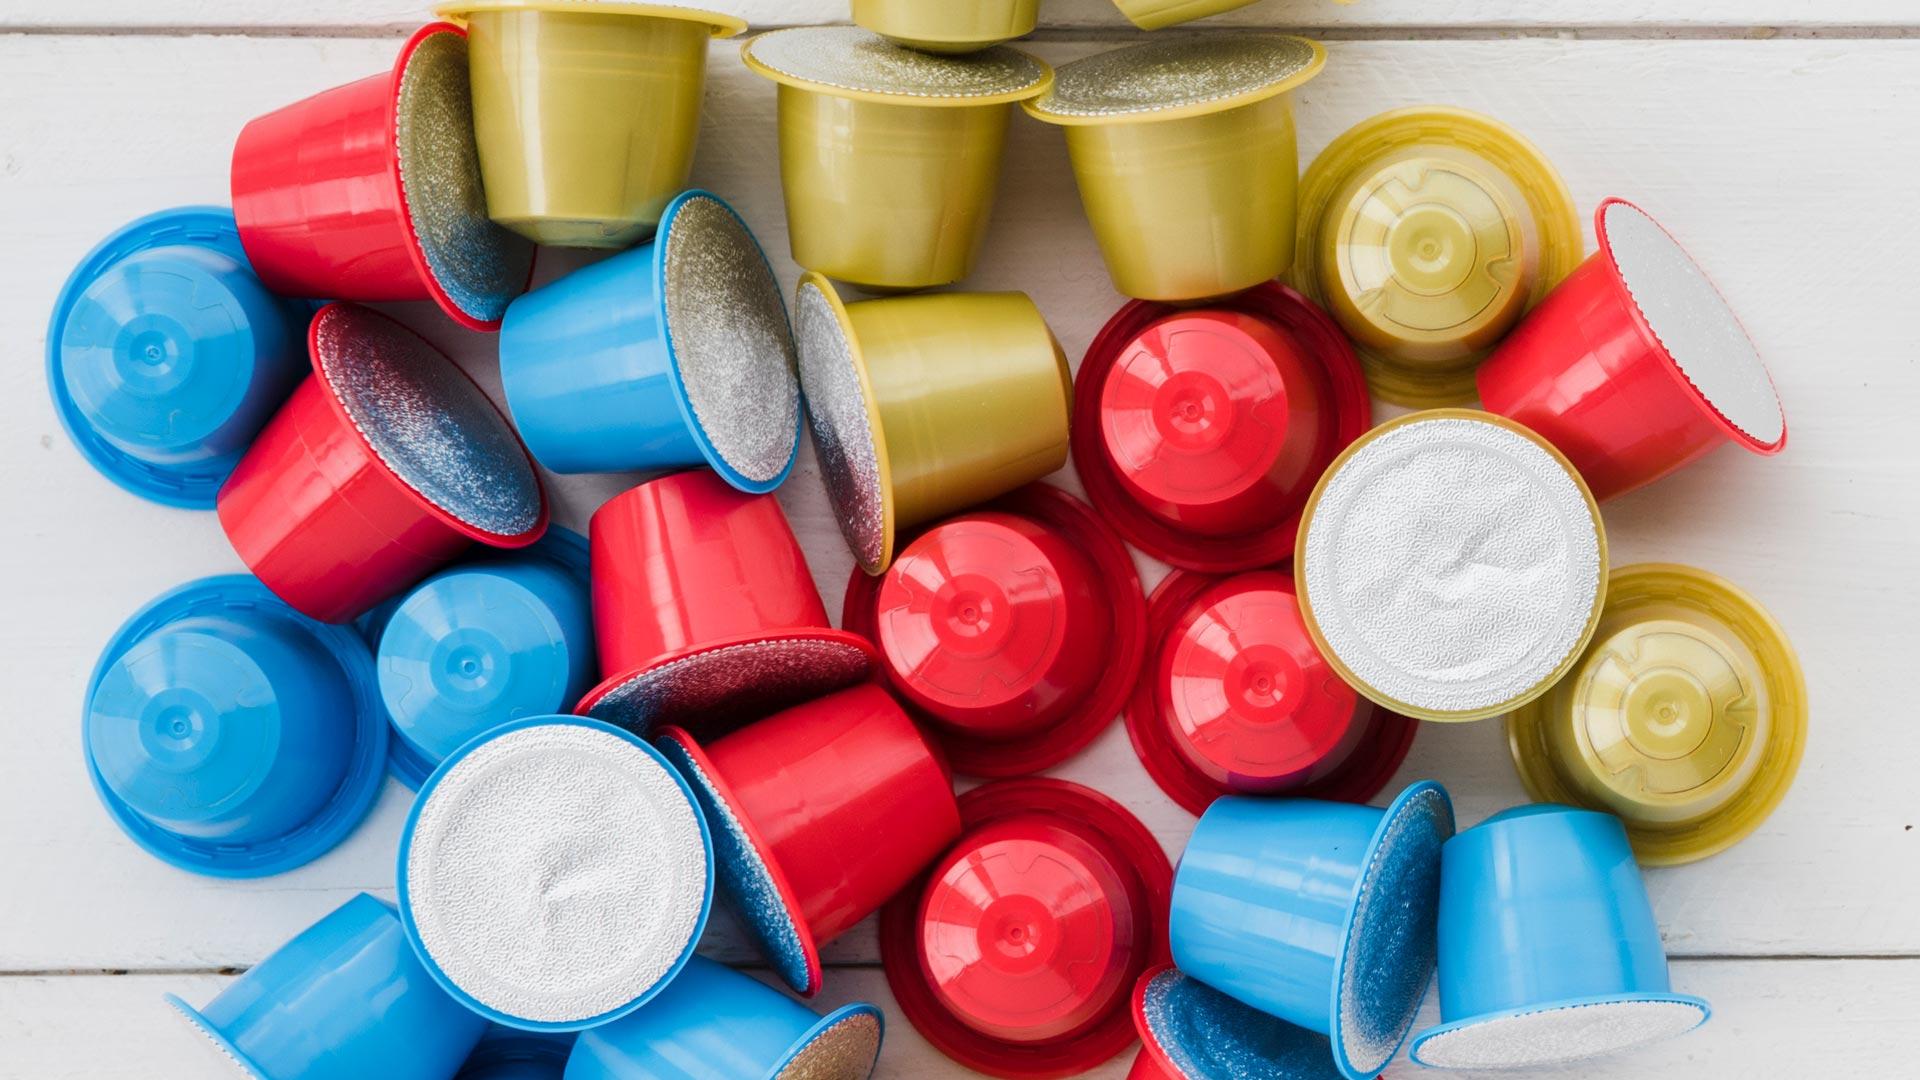 Ce-i mai bun: cafea boabe sau cafea în capsule?